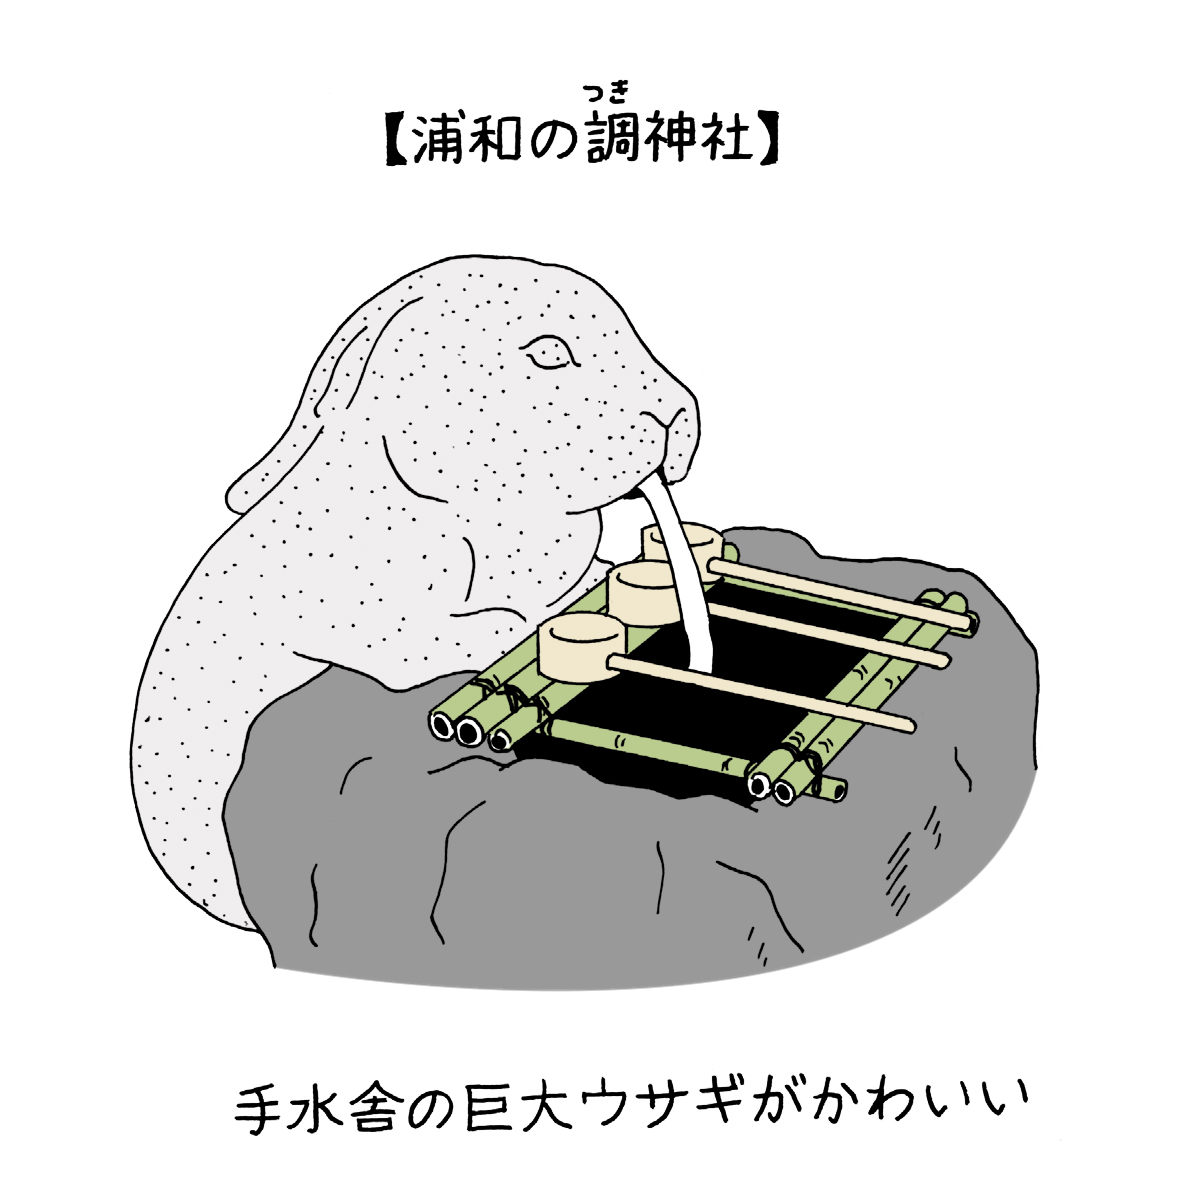 【新年特別企画】十二支の動物にまつわる寺社への初詣「動物初詣」のすすめ